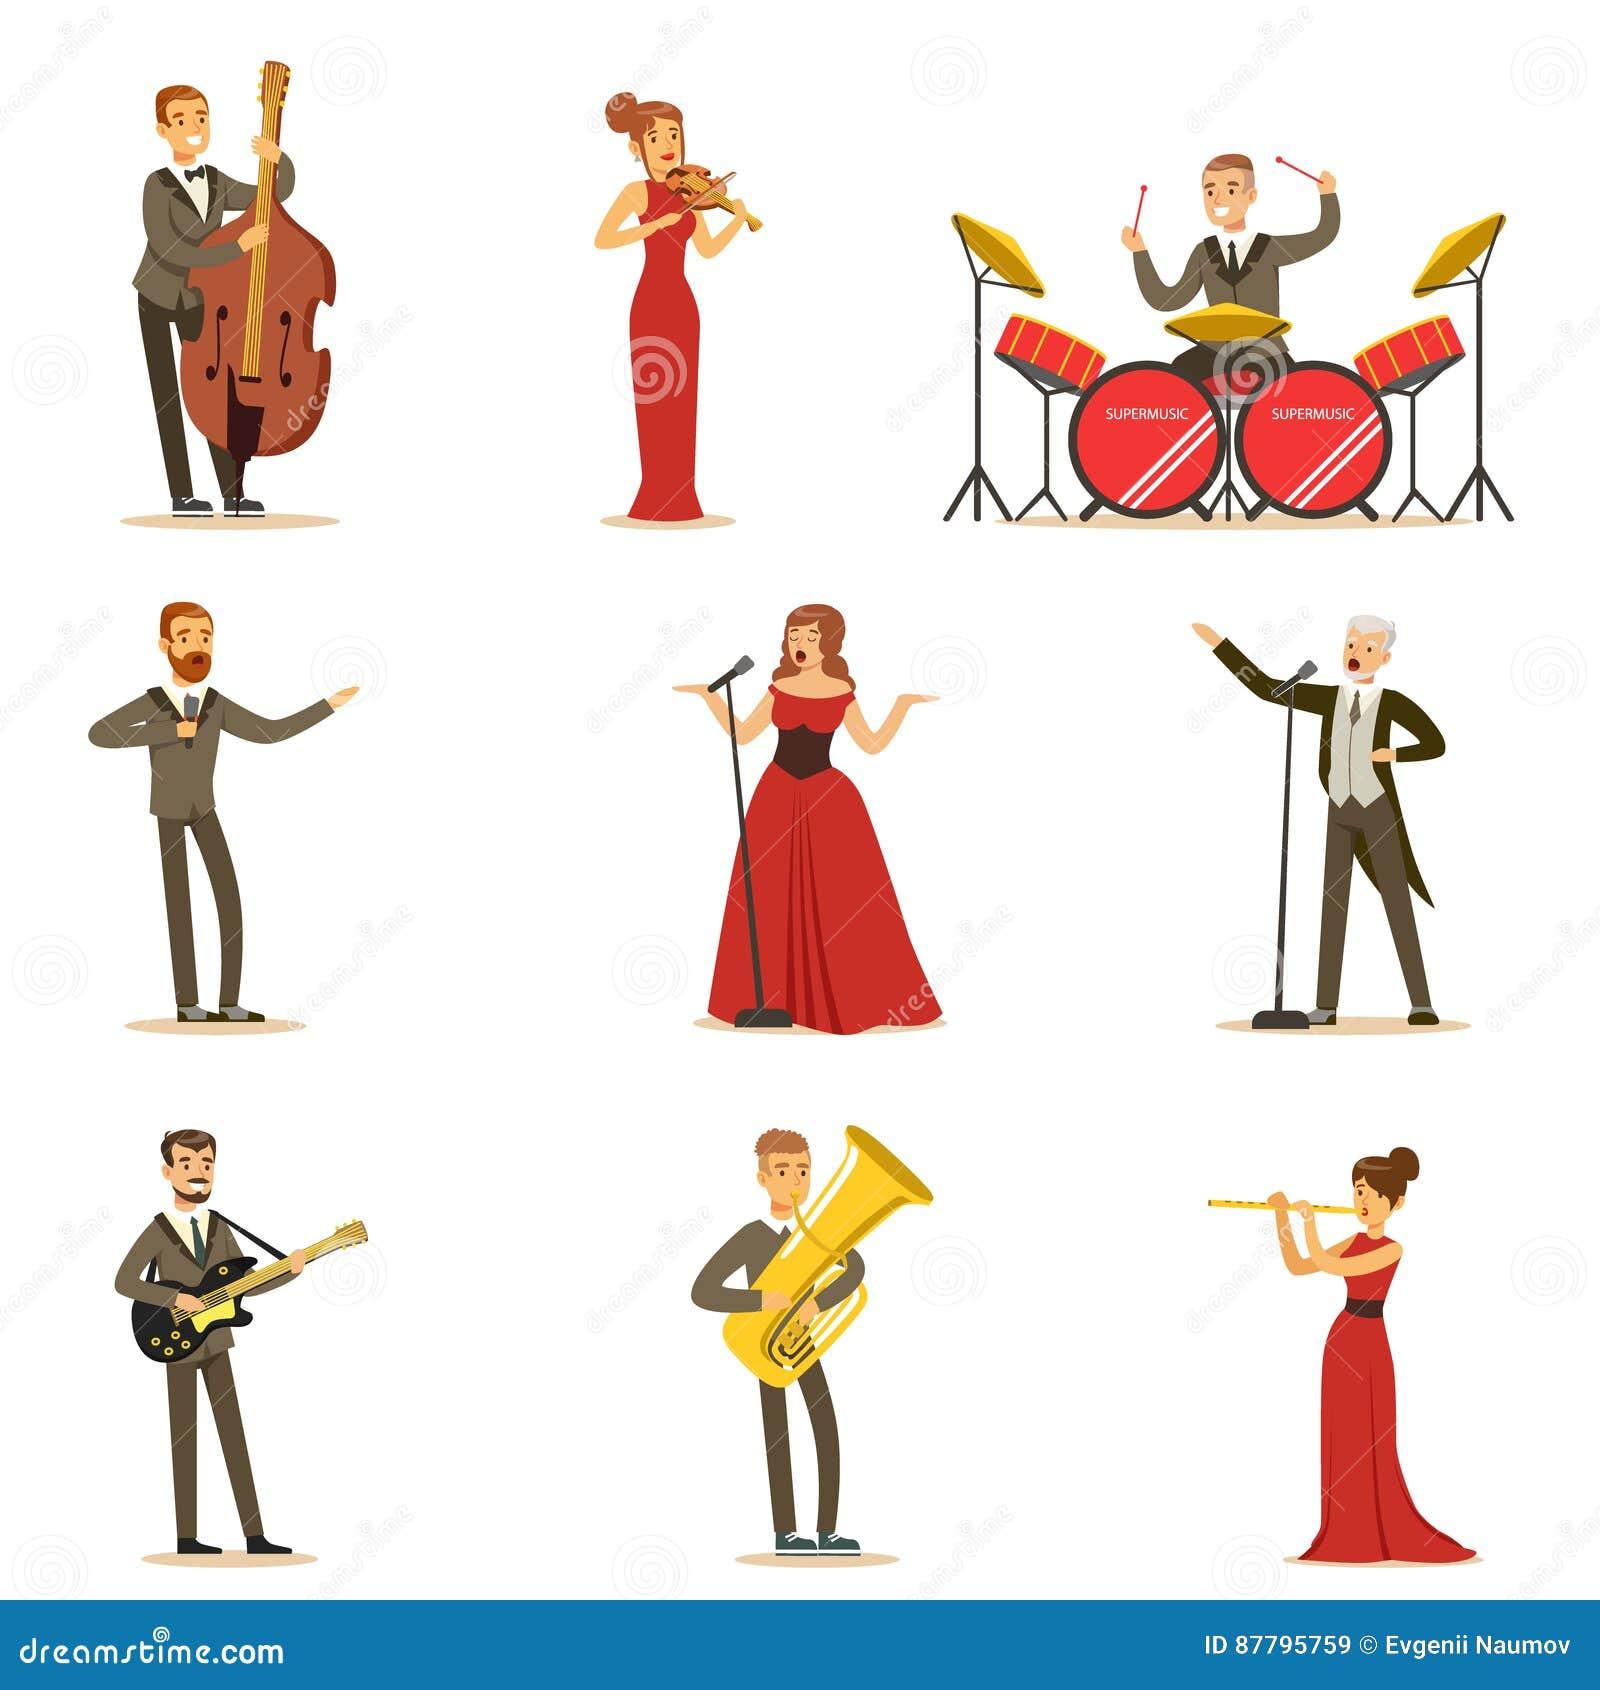 Vuxna musiker och sångare som utför ett musikaliskt nummer på etapp i musik Hall Collection Of Cartoon Characters